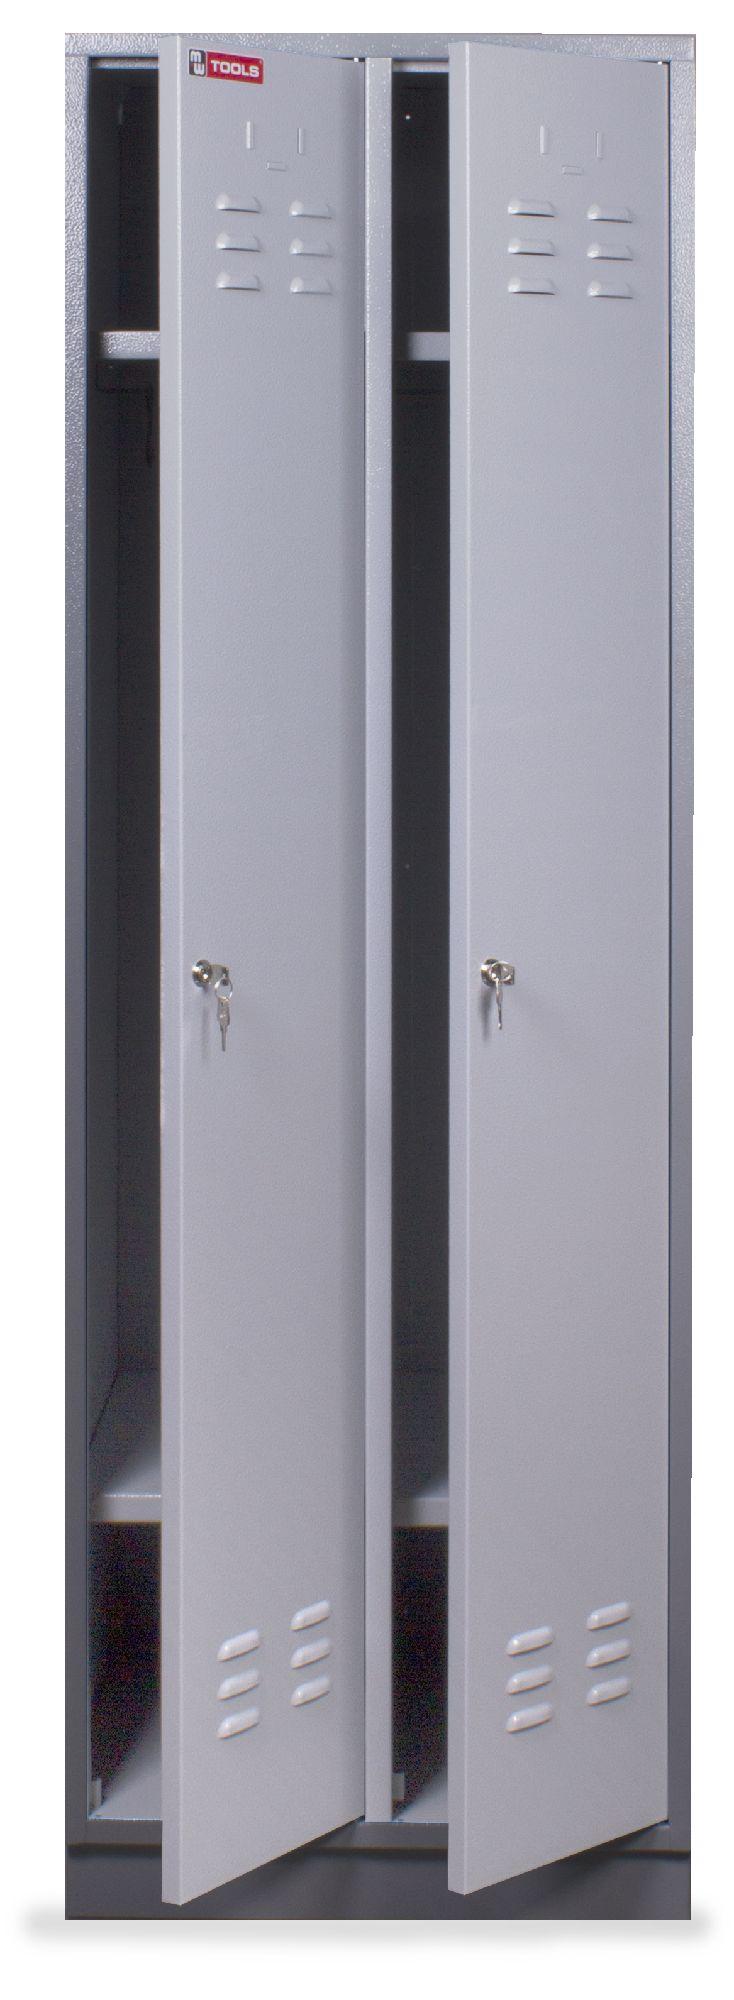 Vestiaire m tallique 2 portes vestiaire armoire de for Armoire metallique 2 portes